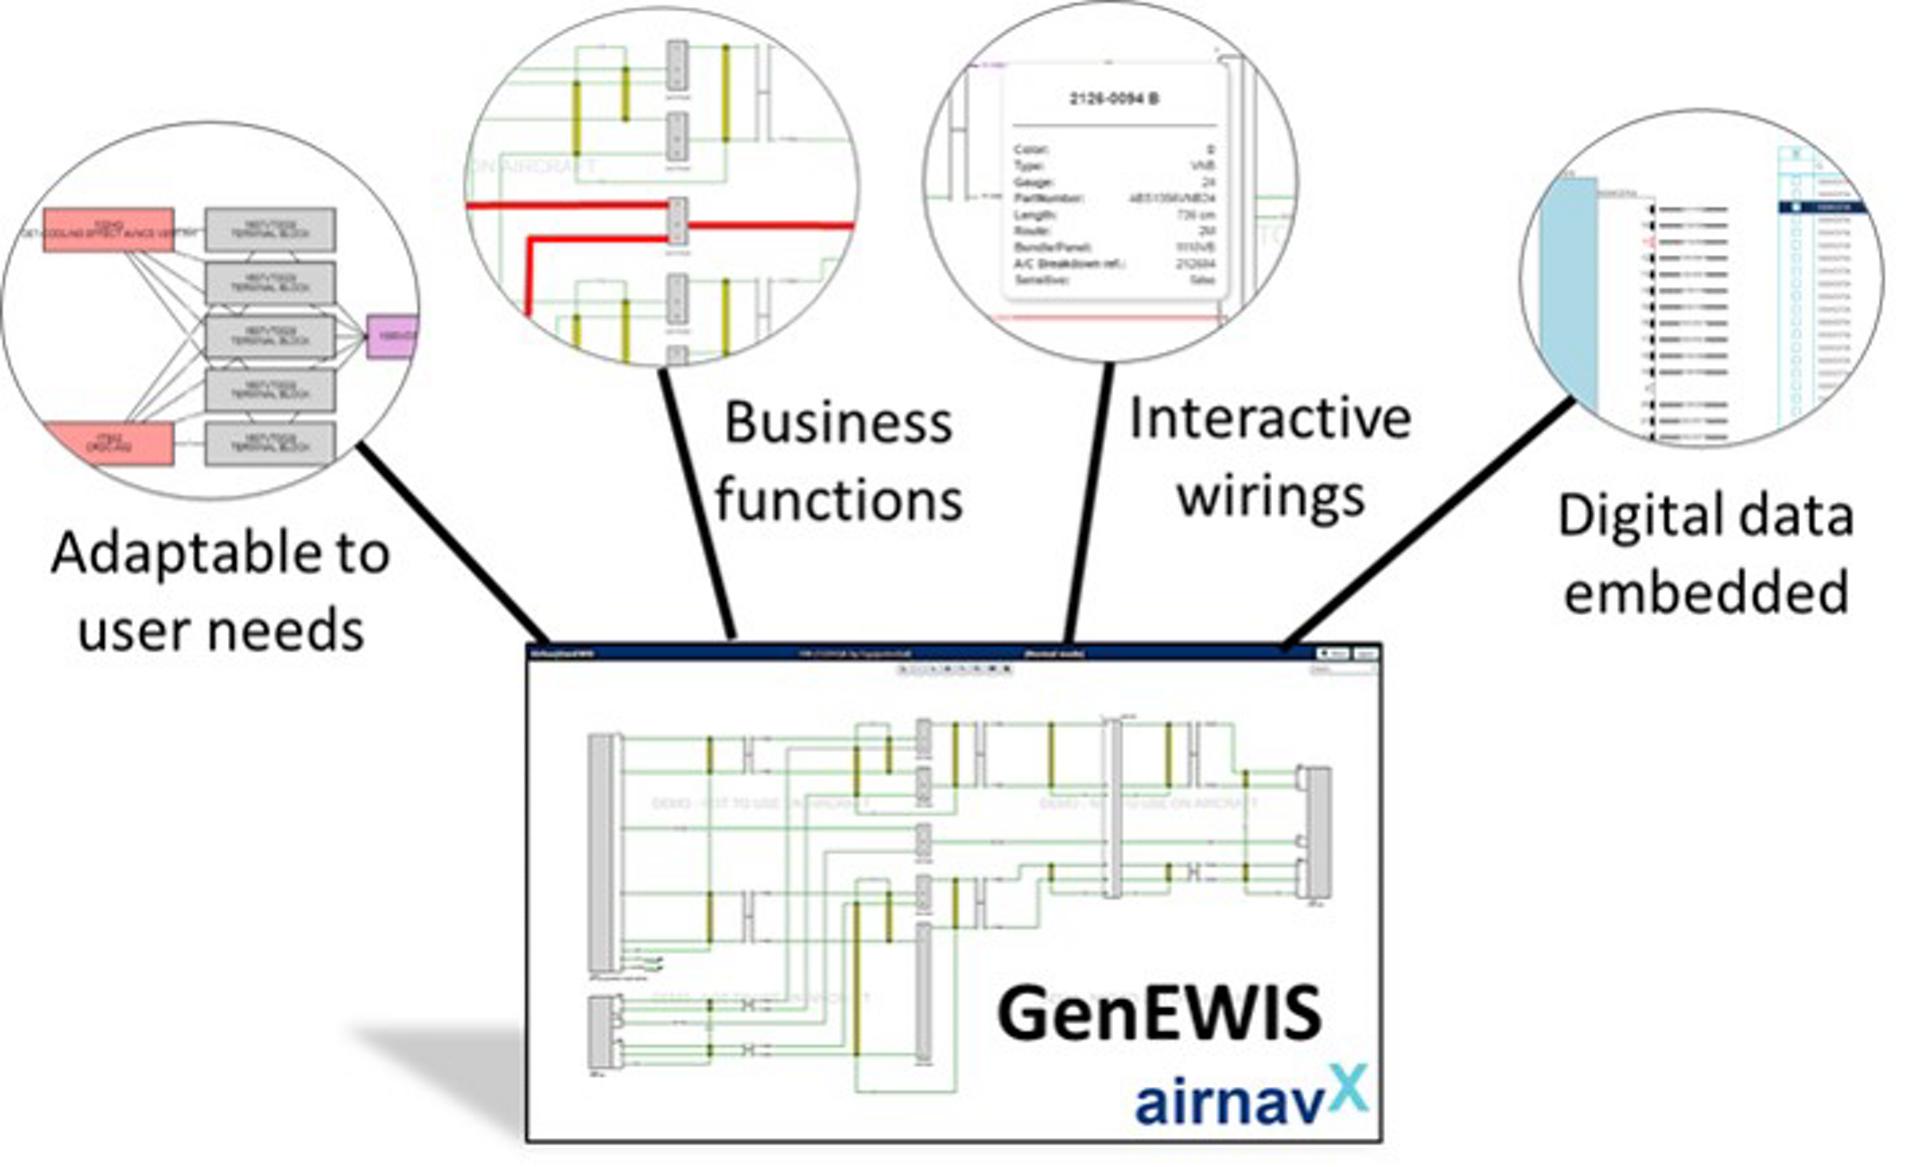 2 GenEWIS Overview